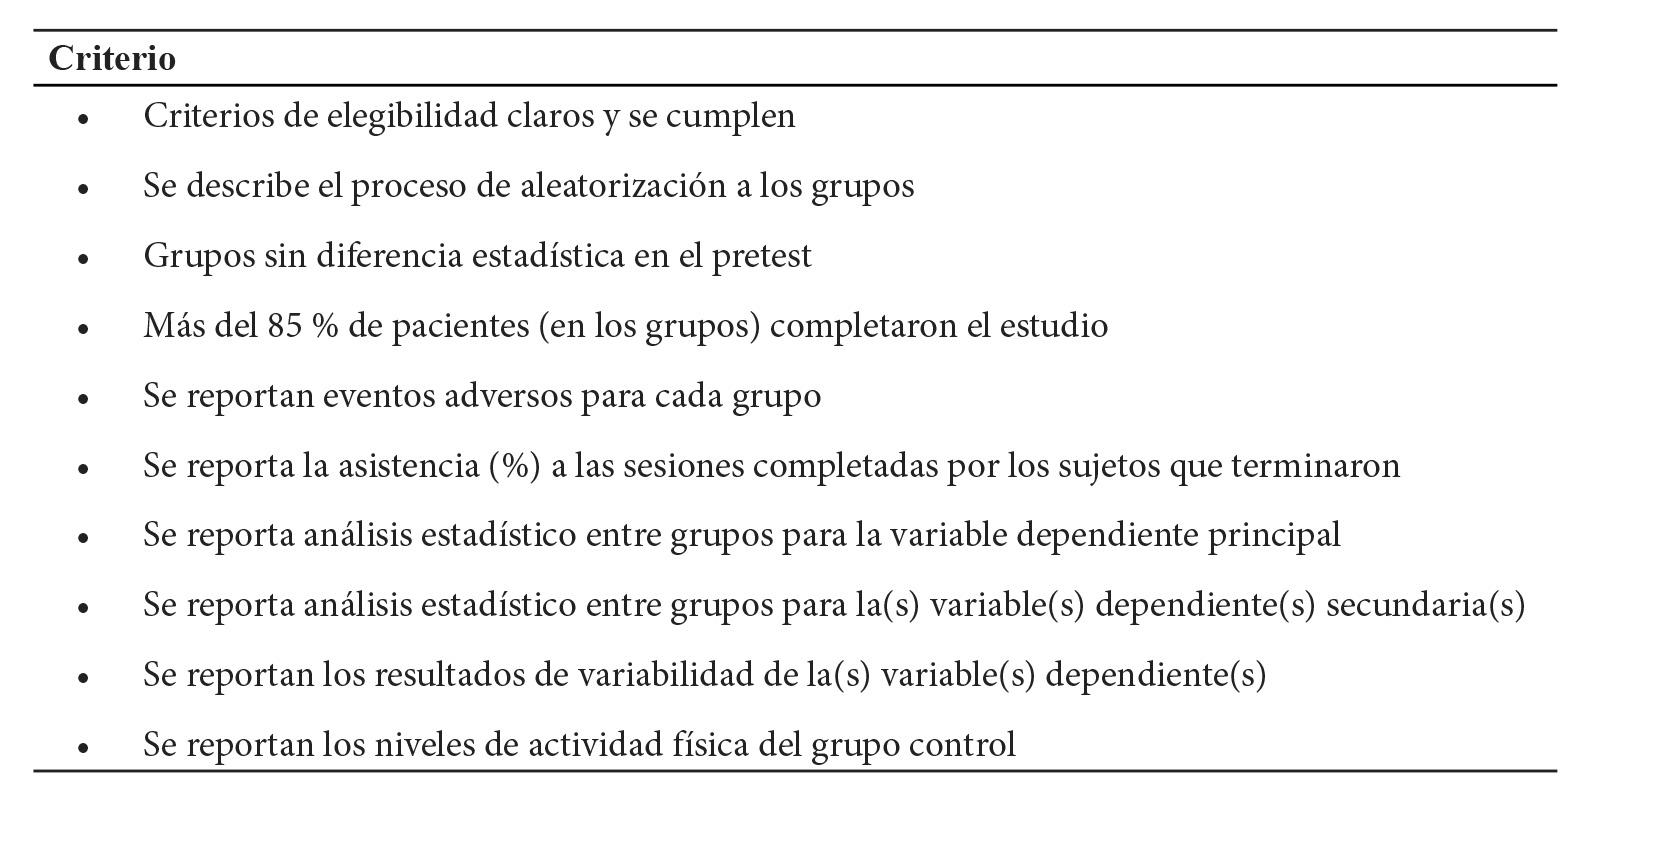 Criterios utilizados para evaluar la calidad de los estudios incluidos